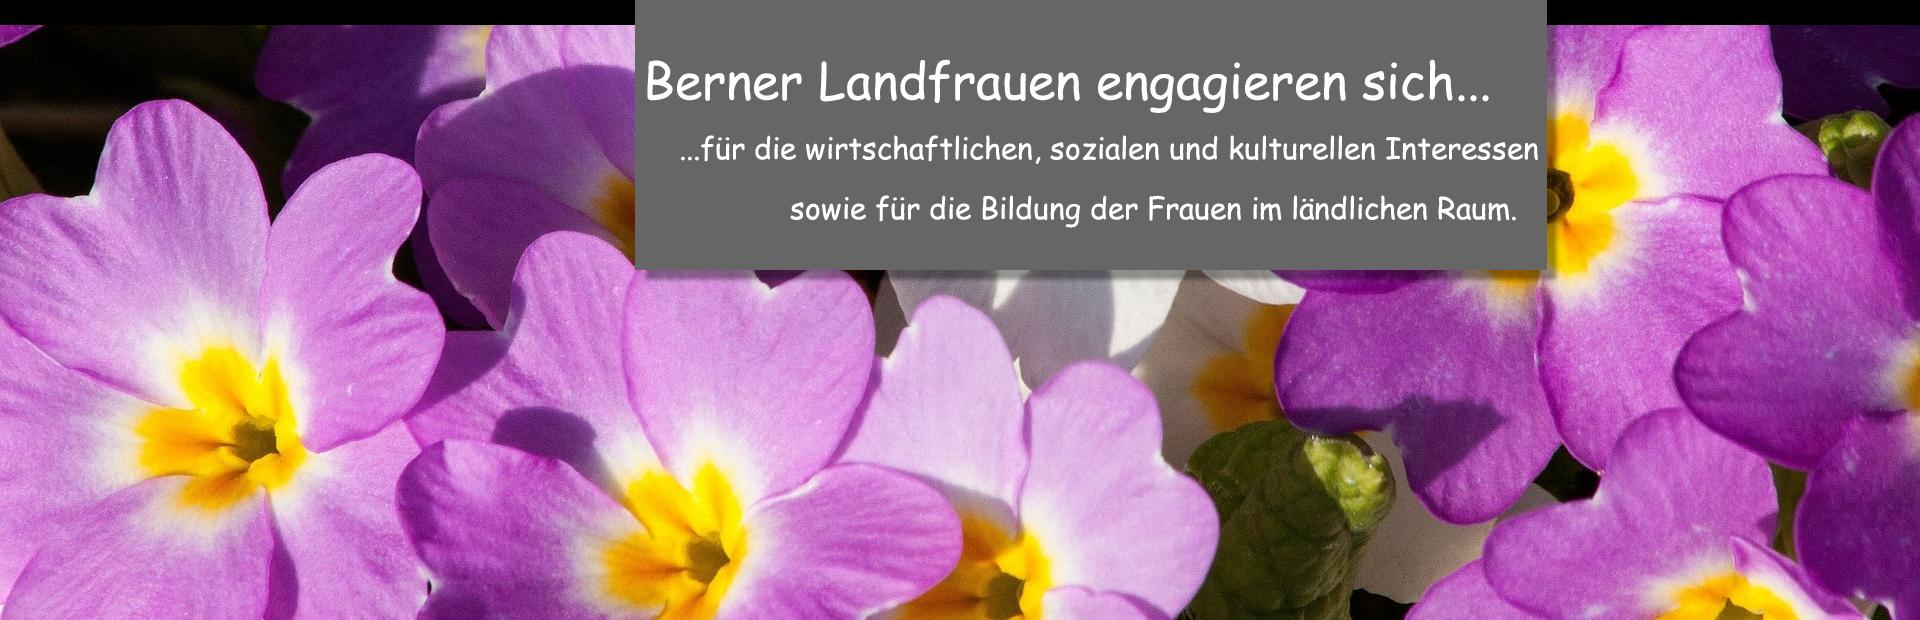 Primeli_Landfrauen_engagieren